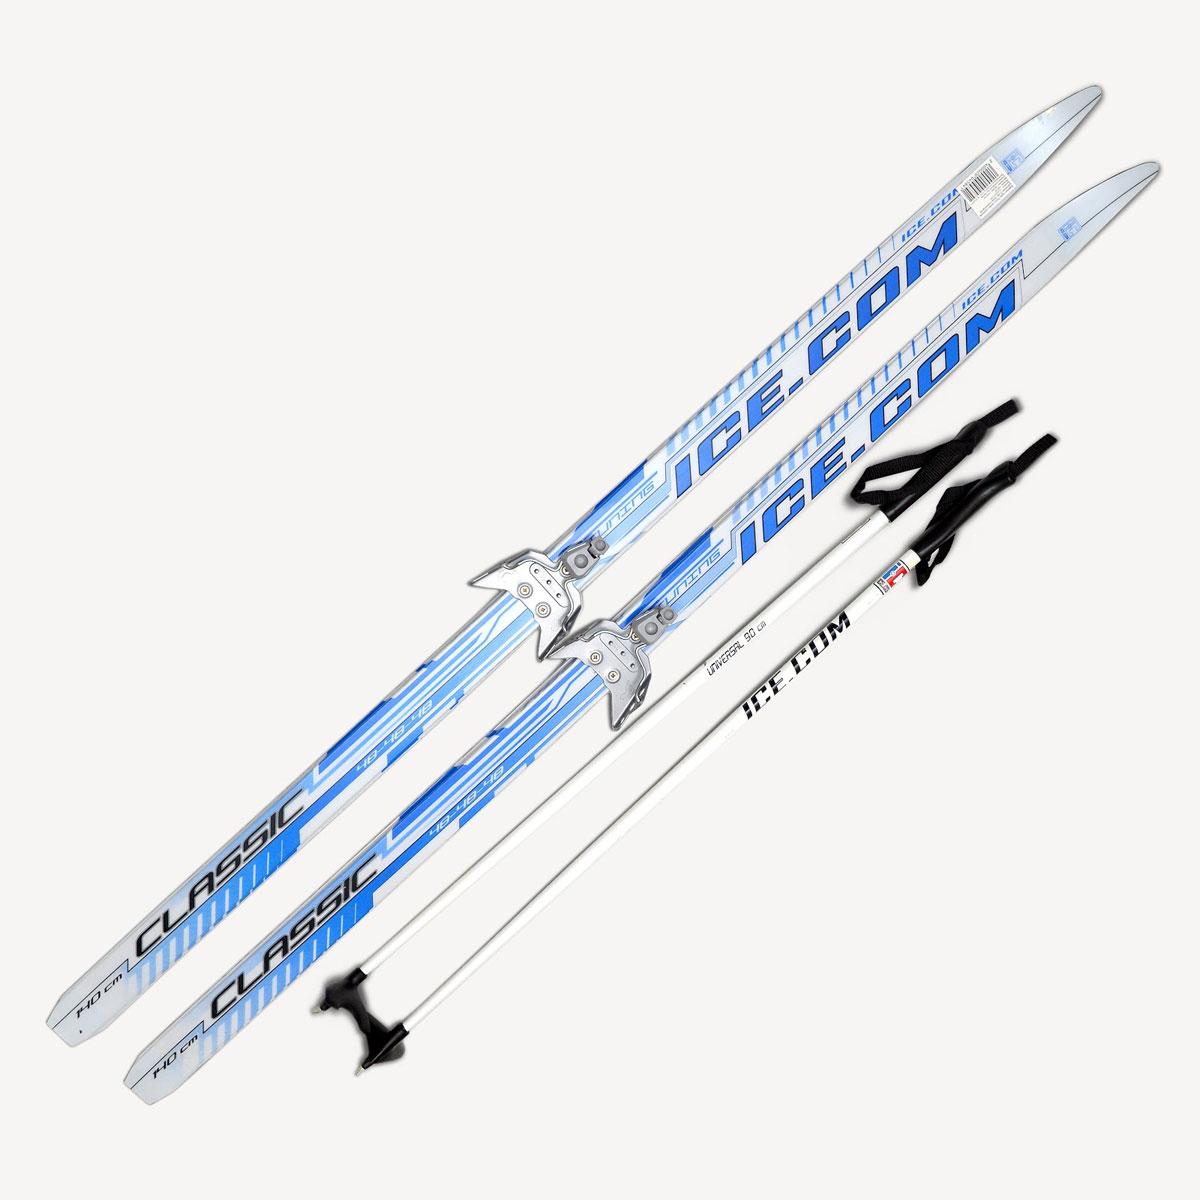 Лыжный комплект Ice.com Classic step, цвет: синий, крепление 75 мм. Длина 140 смCLS75P 140Лыжный комплект Ice.com Classic step (с насечкой) предназначен для активного катания и прогулок по лыжне как классическим стилем, так и коньковым (свободным) ходом. Особенности: Скользящая поверхность из экструдированного полиэстера; Облегченный деревянный клин c воздушными каналами; Модель со степ насечкой, не требующей нанесения мазей; Палки 100% углеволокно; Крепление 75 мм. Характеристики: Длина лыжи: 140 см. Геометрия: 46-46-46. Длина палок: 90 см. Крепления: 75 мм. Материал: пластик, дерево, углеволокно. Цвет: синий. Размер упаковки: 140 см х 12 см х 15 см.